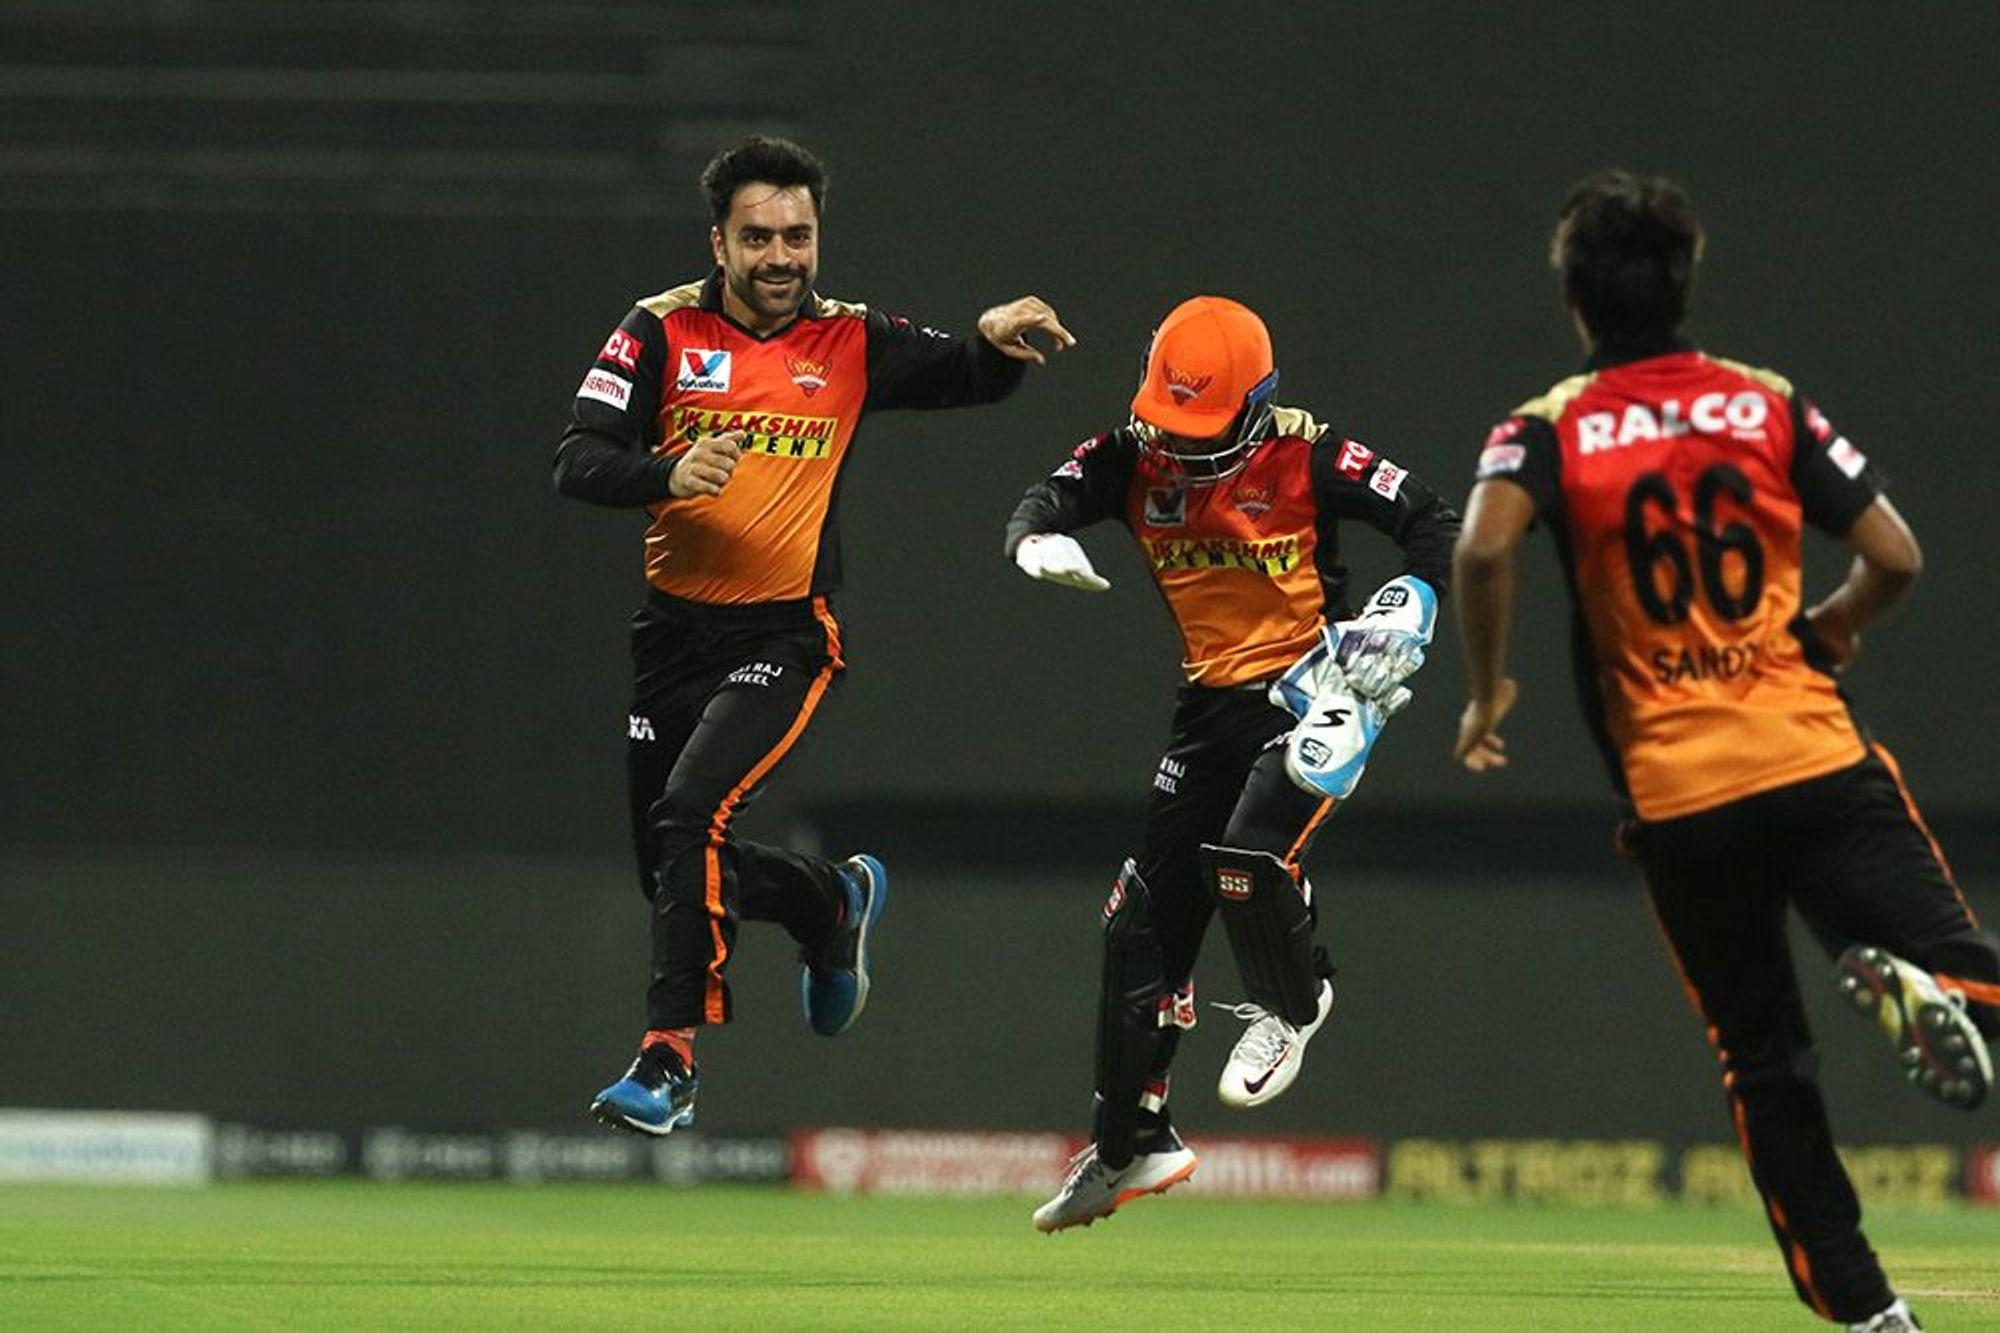 Rashid Khan took 20 wickets in IPL 2020 (Photo - BCCI / IPL)